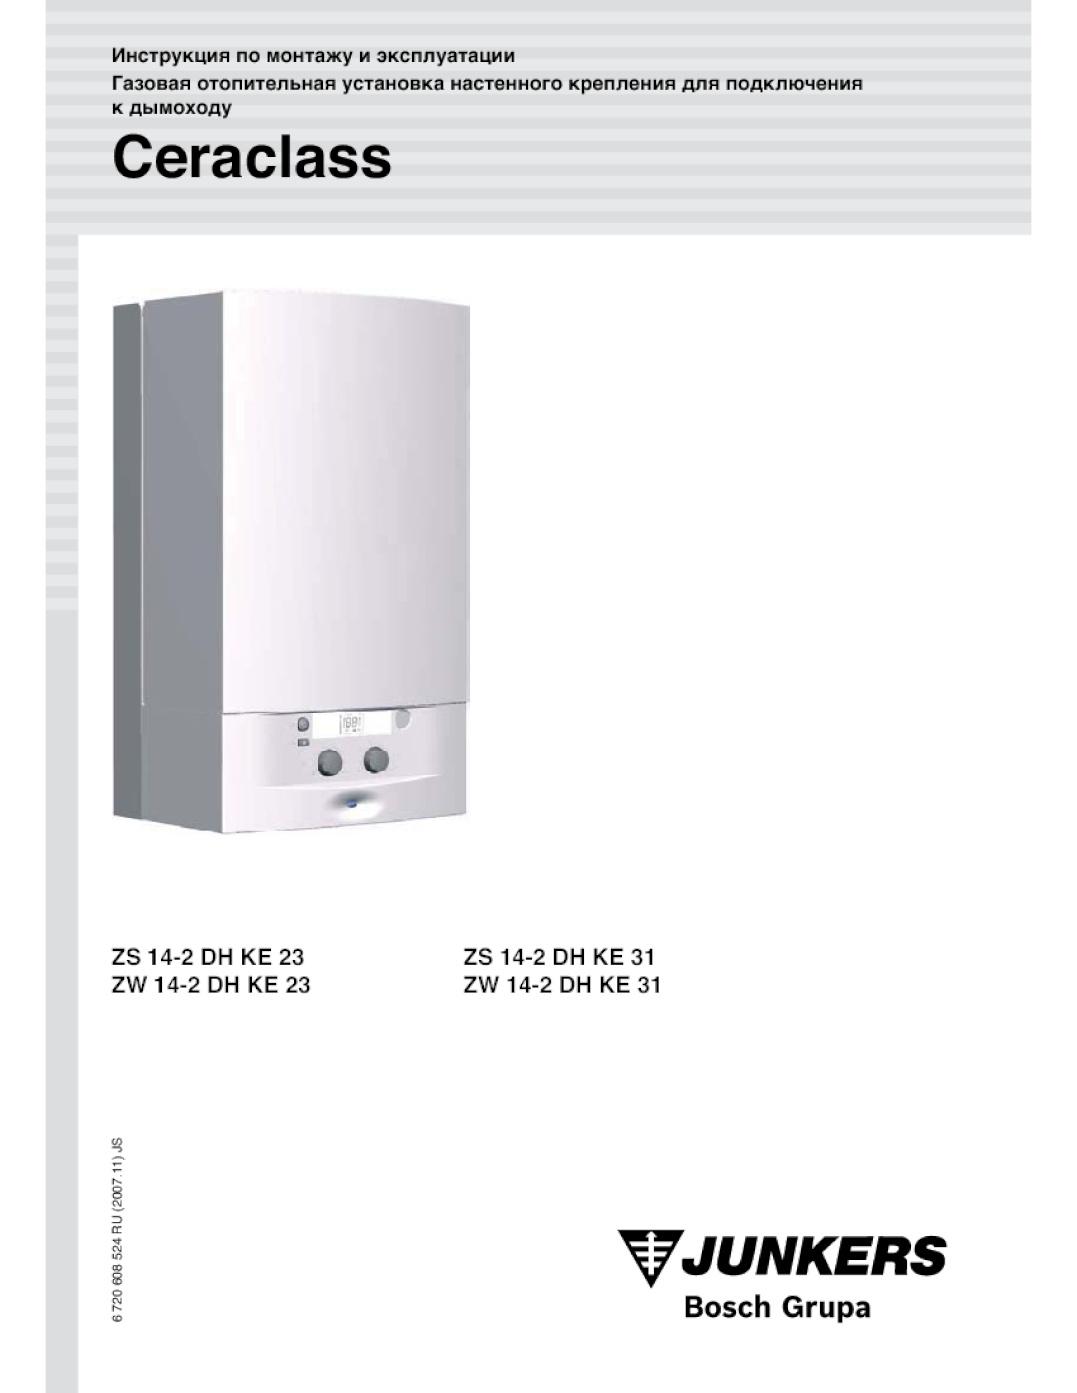 газовый котел юнкерс инструкция